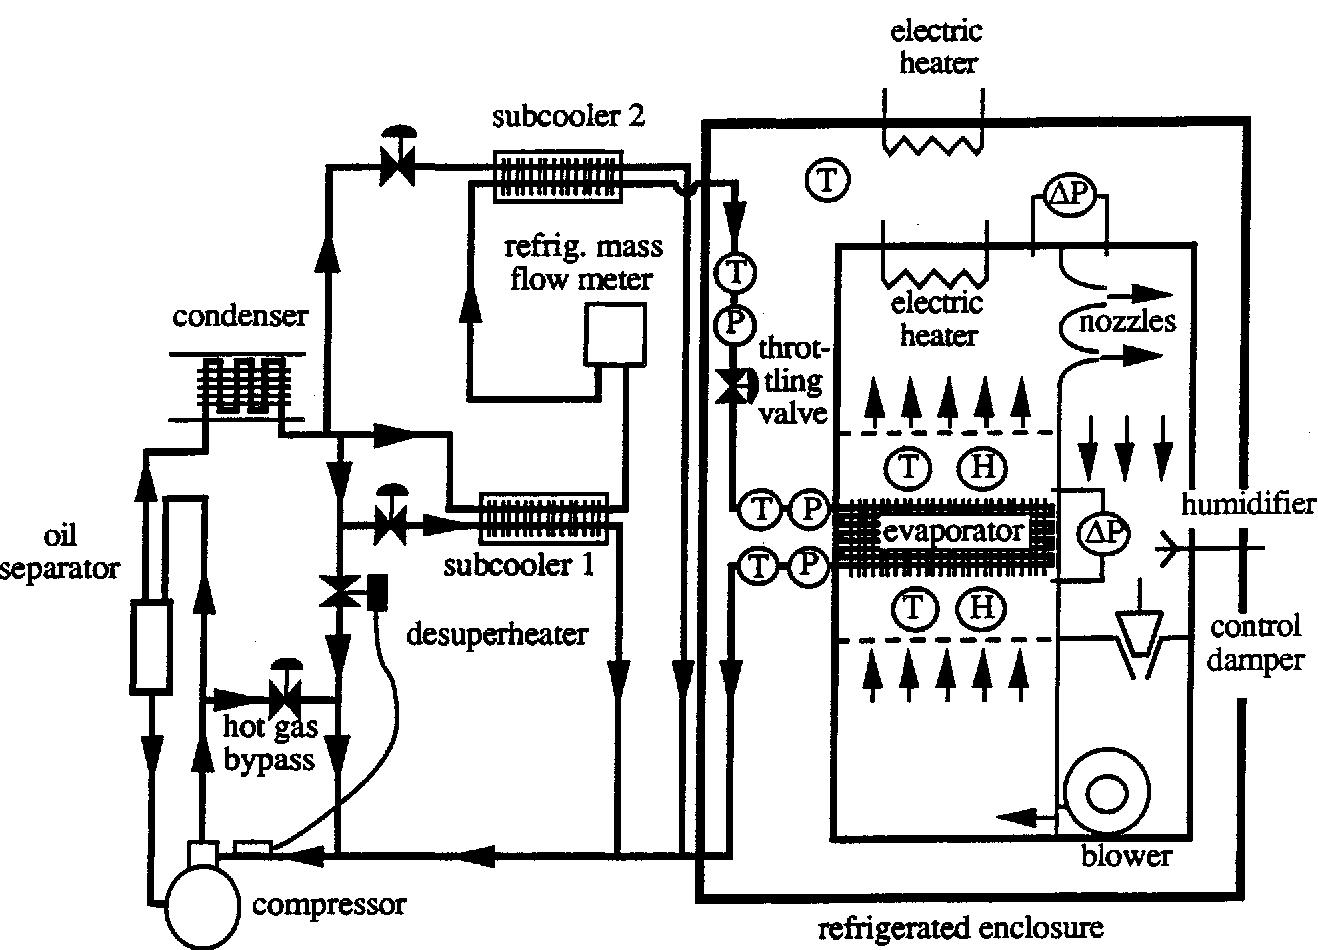 Evap Freezer Wiring Diagram Get Free Image About Wiring Diagram